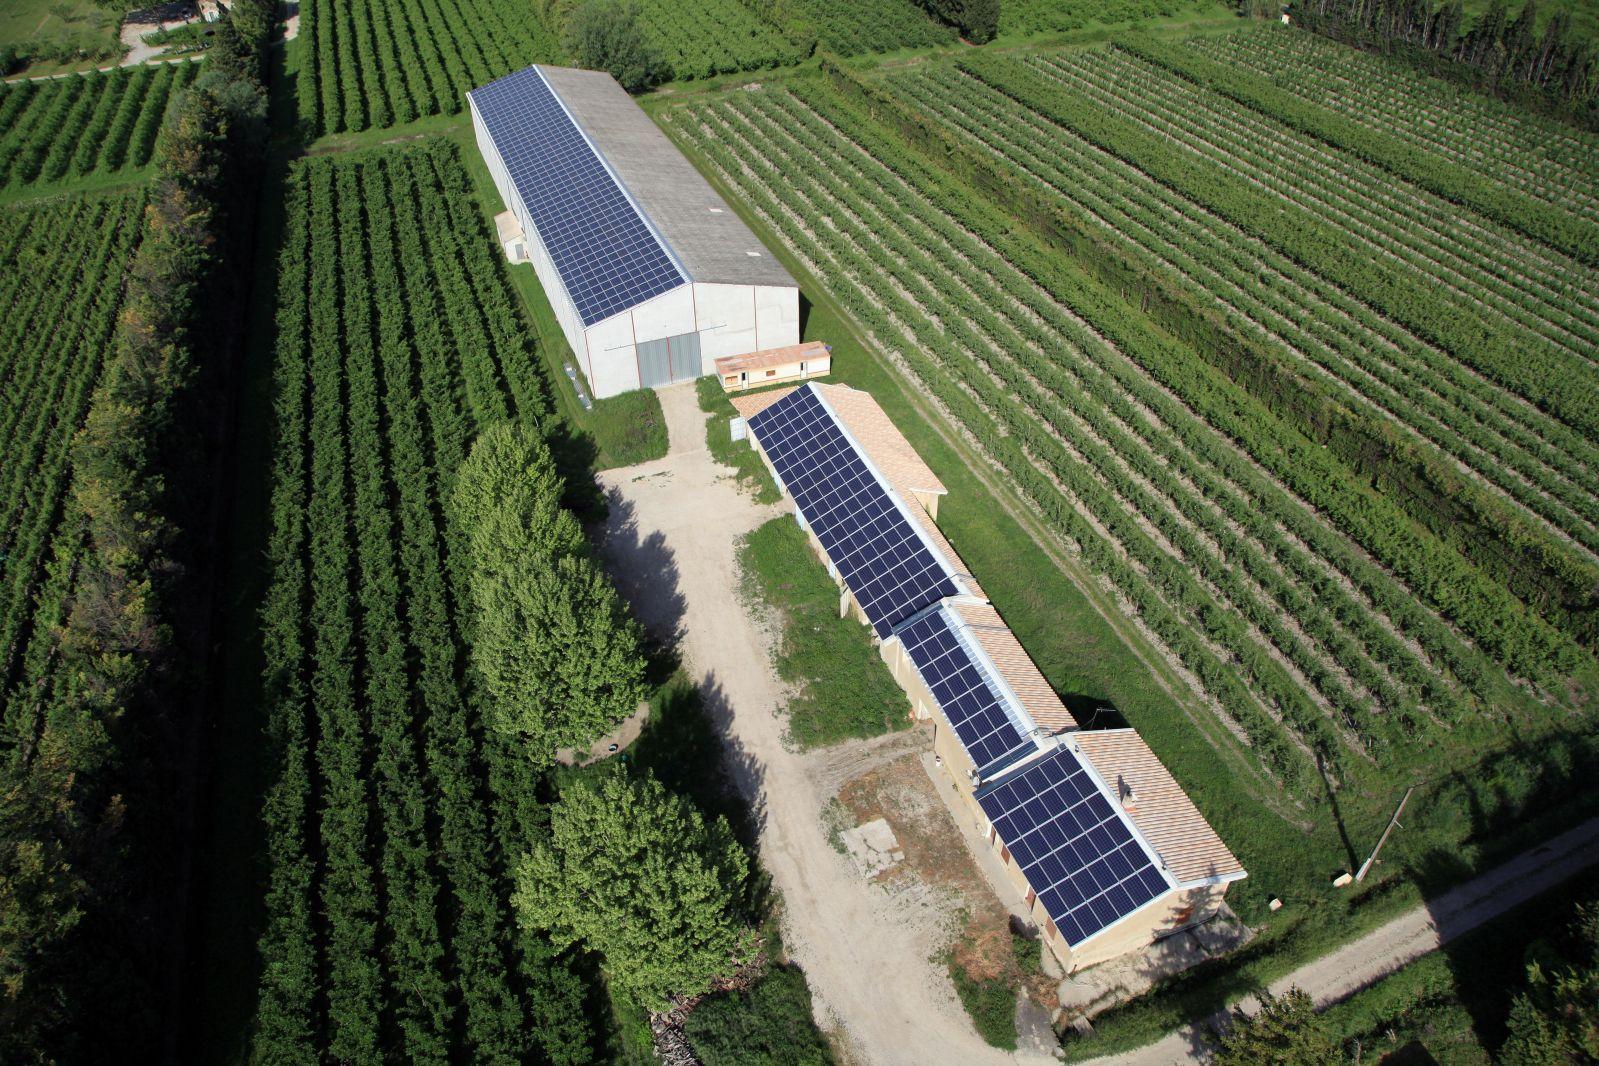 Montage de toitures photovolta ques sur b timents agricoles existants saint andiol - Hangar photovoltaique agricole ...